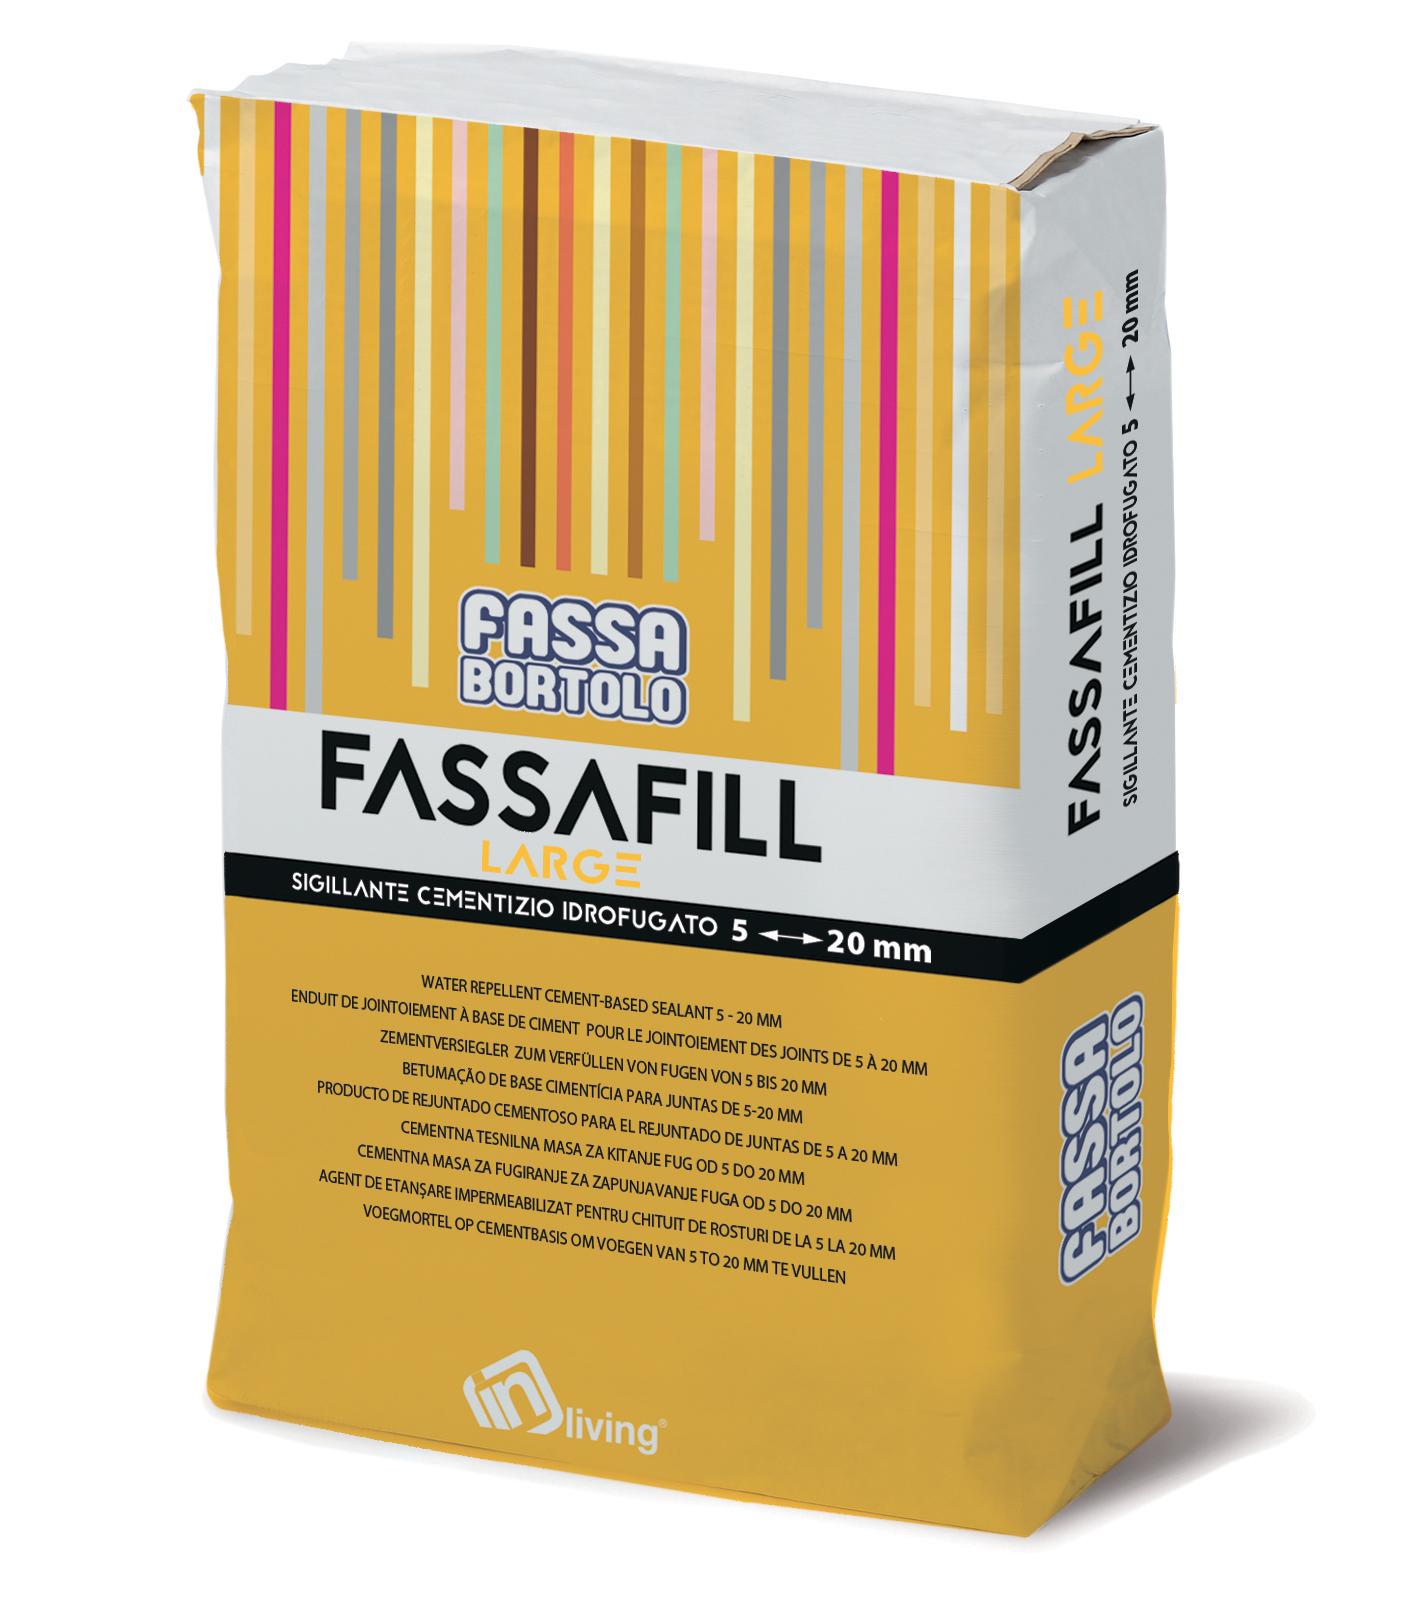 FASSAFILL LARGE: Hydrophobierter Zementversiegler mit hohen mechanischen Festigkeiten und großer Abriebbeständigkeit, schimmelpilz- und algenbeständig, für die Verfüllung von Fugen von 5 bis 20 mm